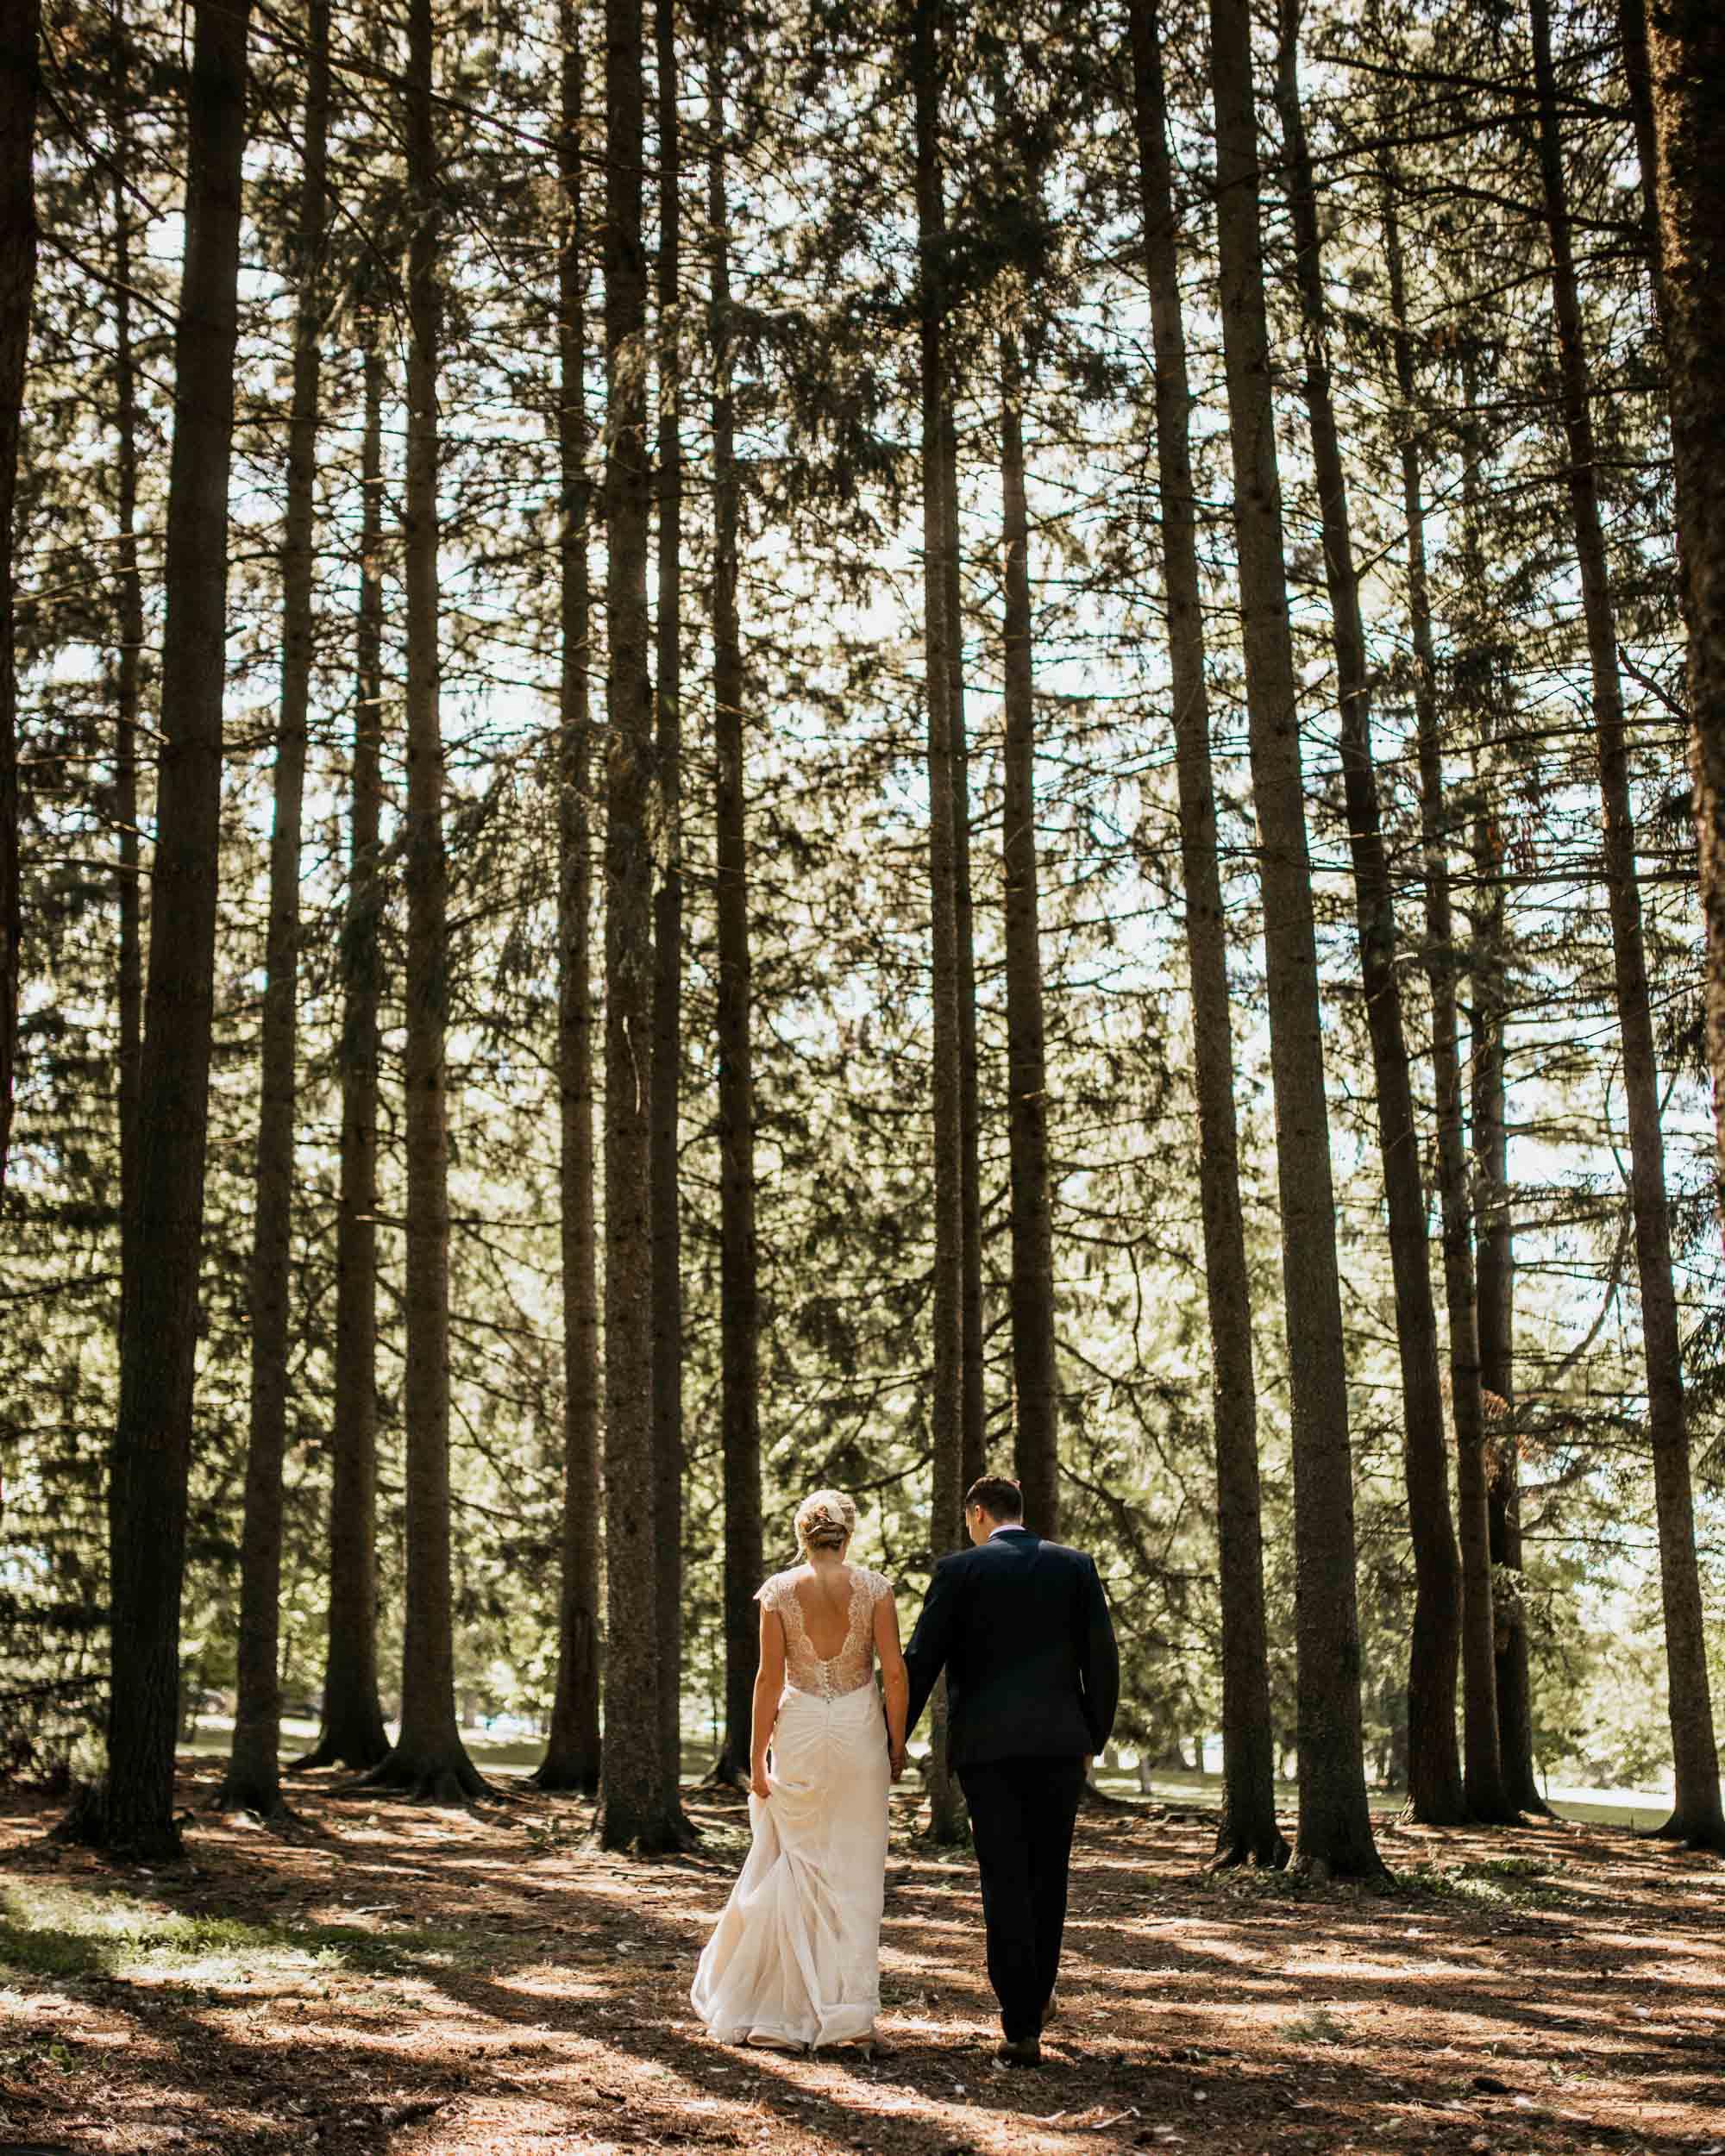 wedding-photography-stratford-davidiam-203.jpg